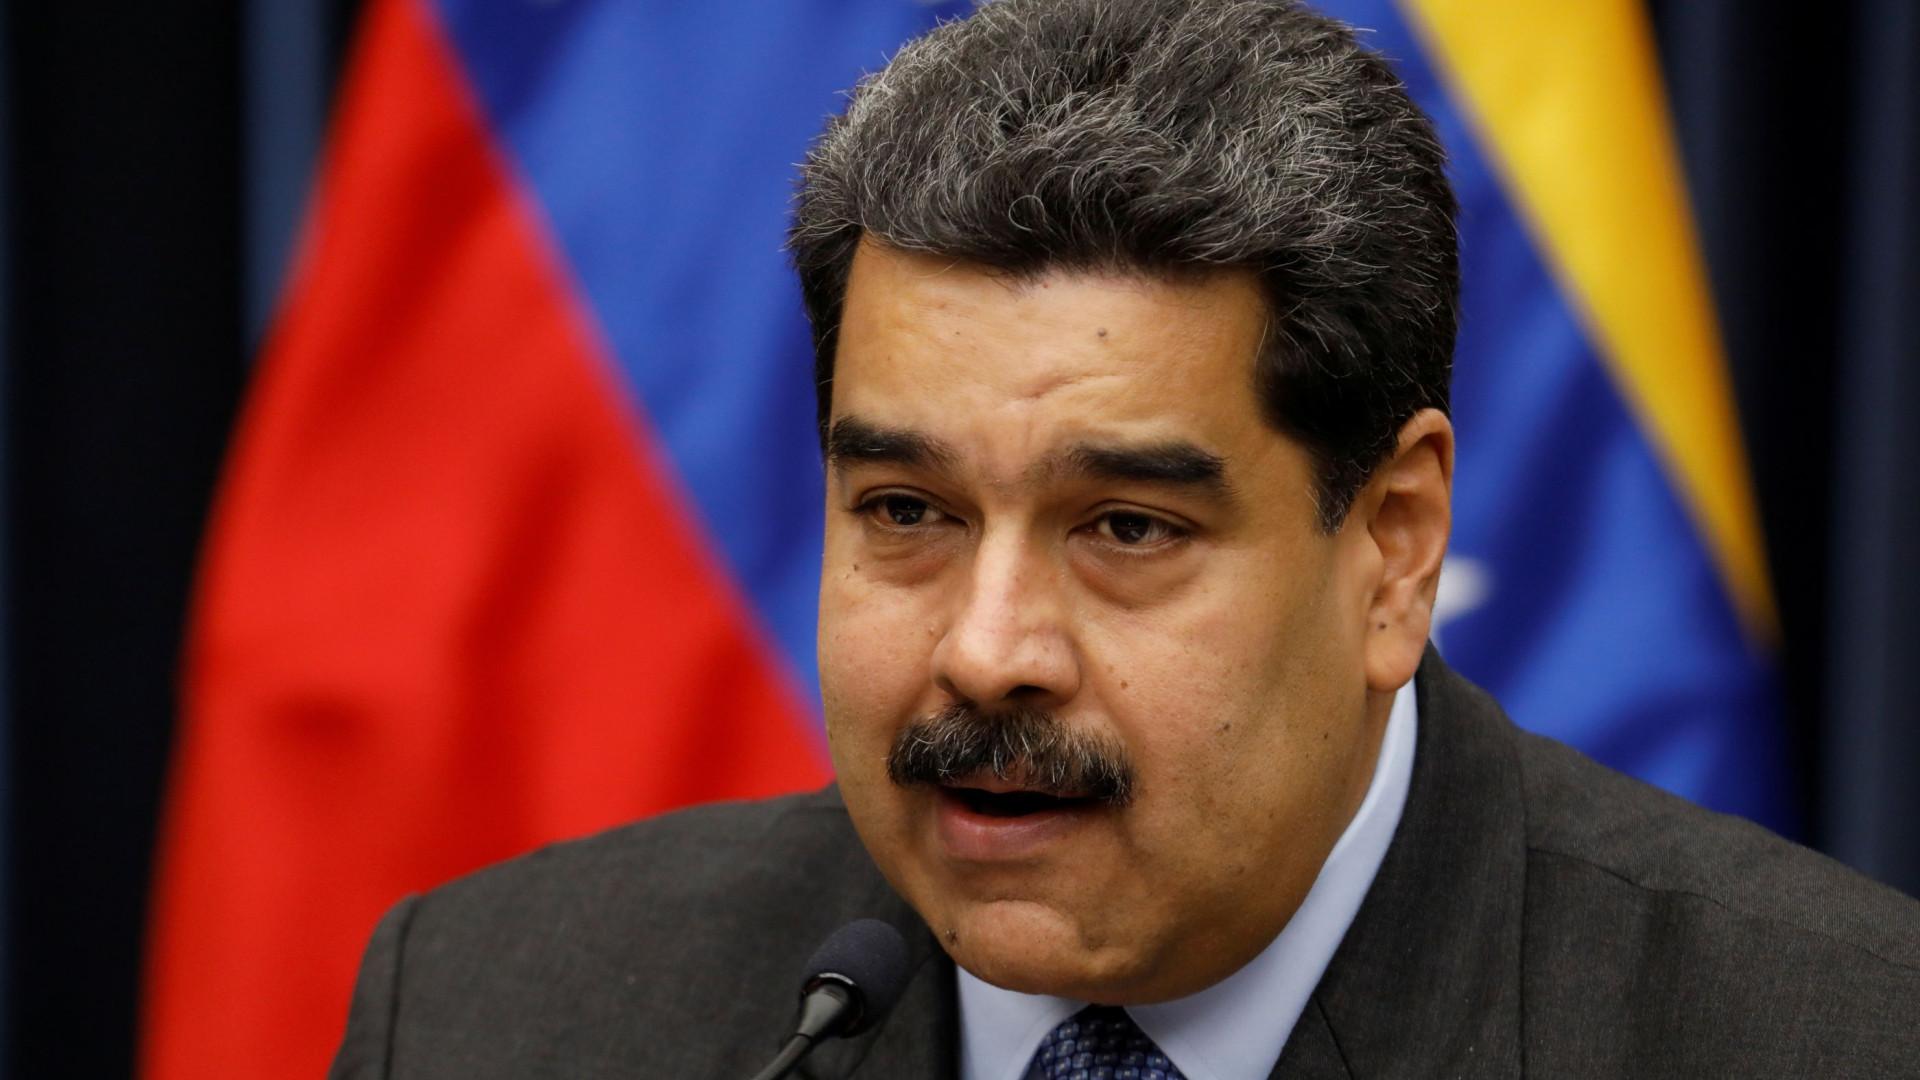 Venezuela: Trabalhadores vão receber o salário semanalmente